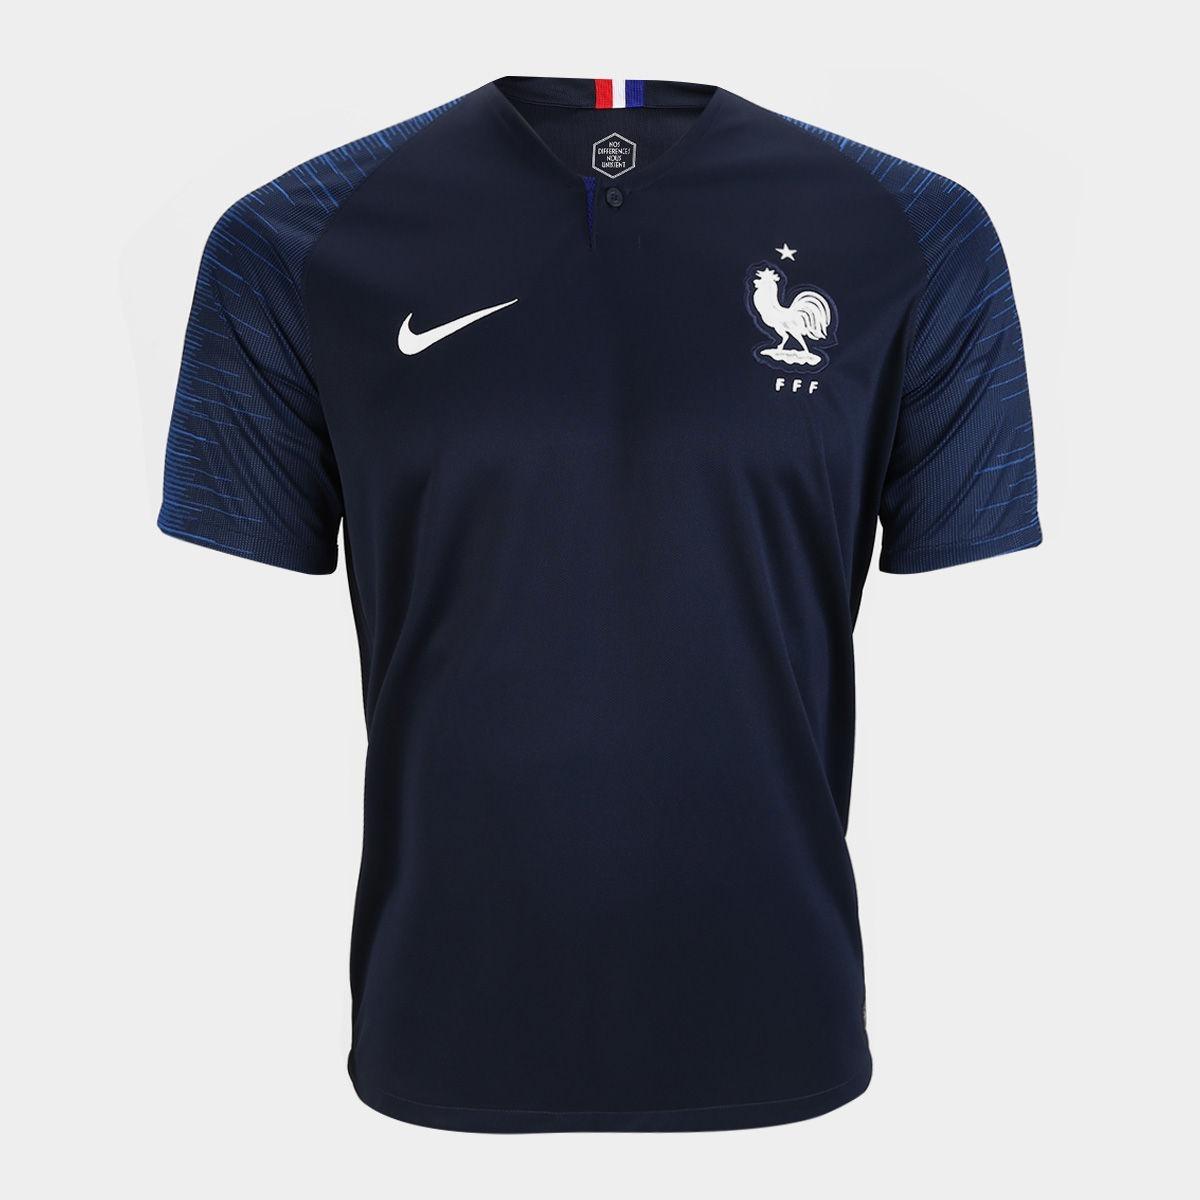 83289f360 camisa seleção frança home 2018 s n° torcedor nike masculina. Carregando  zoom.